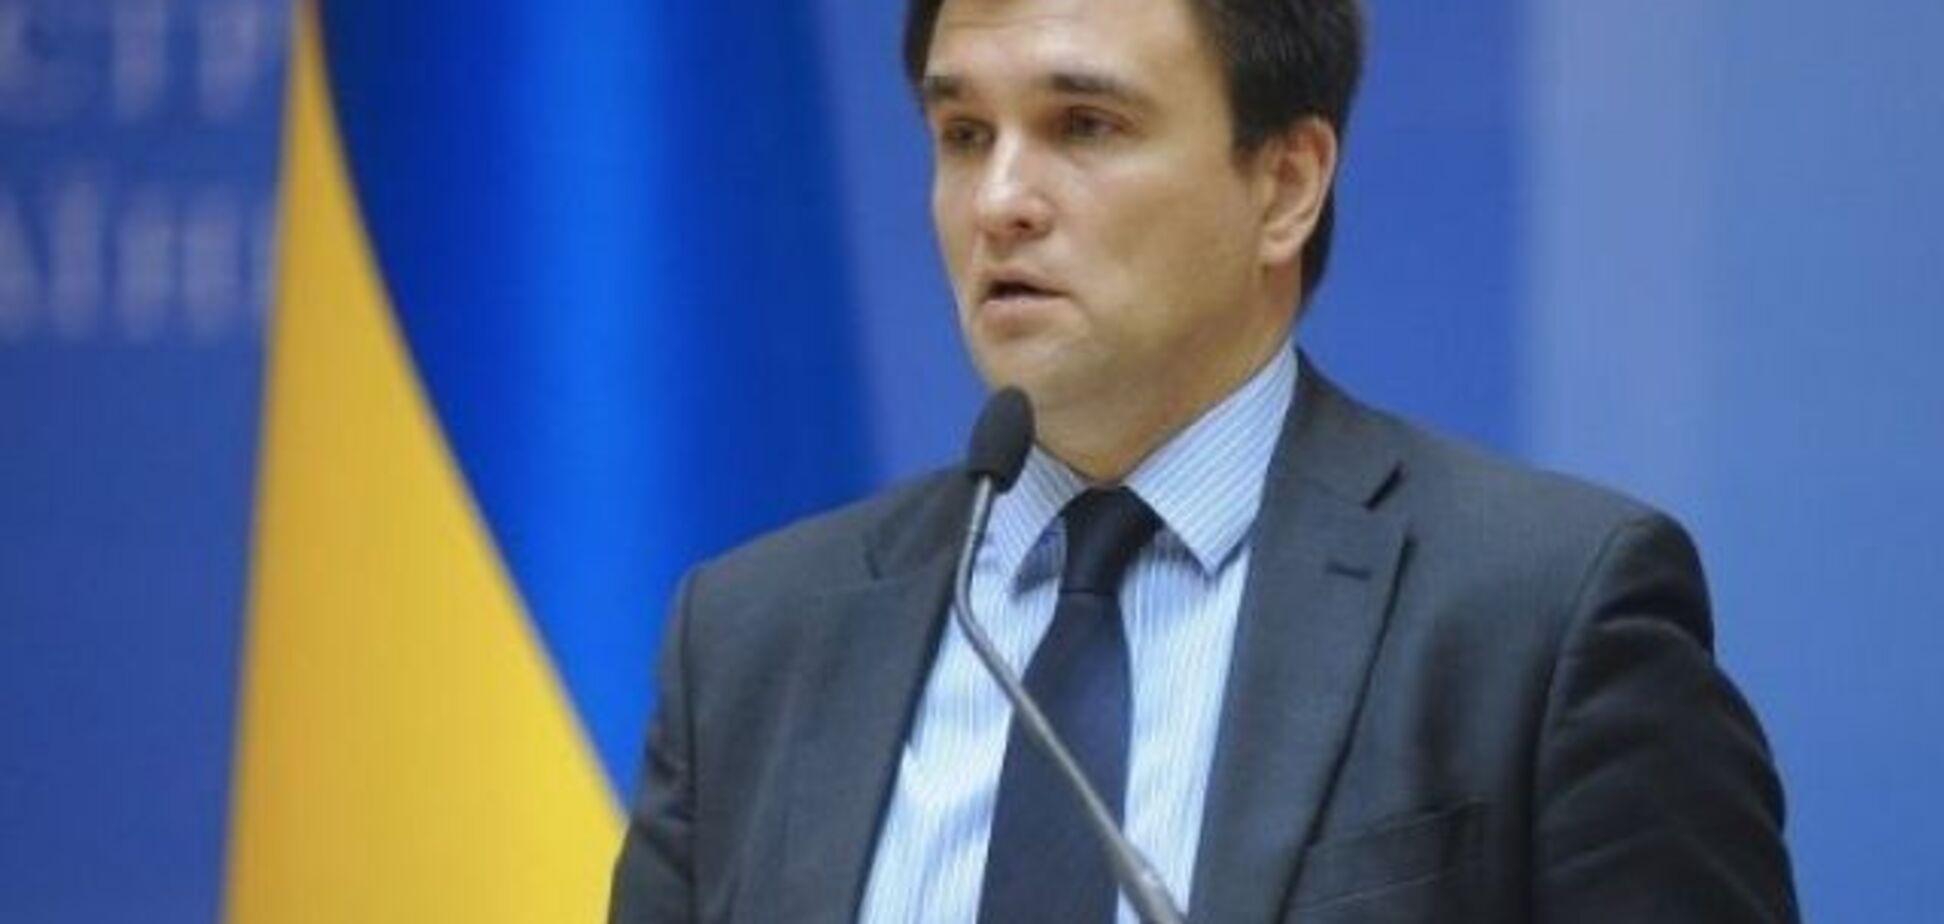 Введение латиницы в Украине: идее Климкина вынесли вердикт